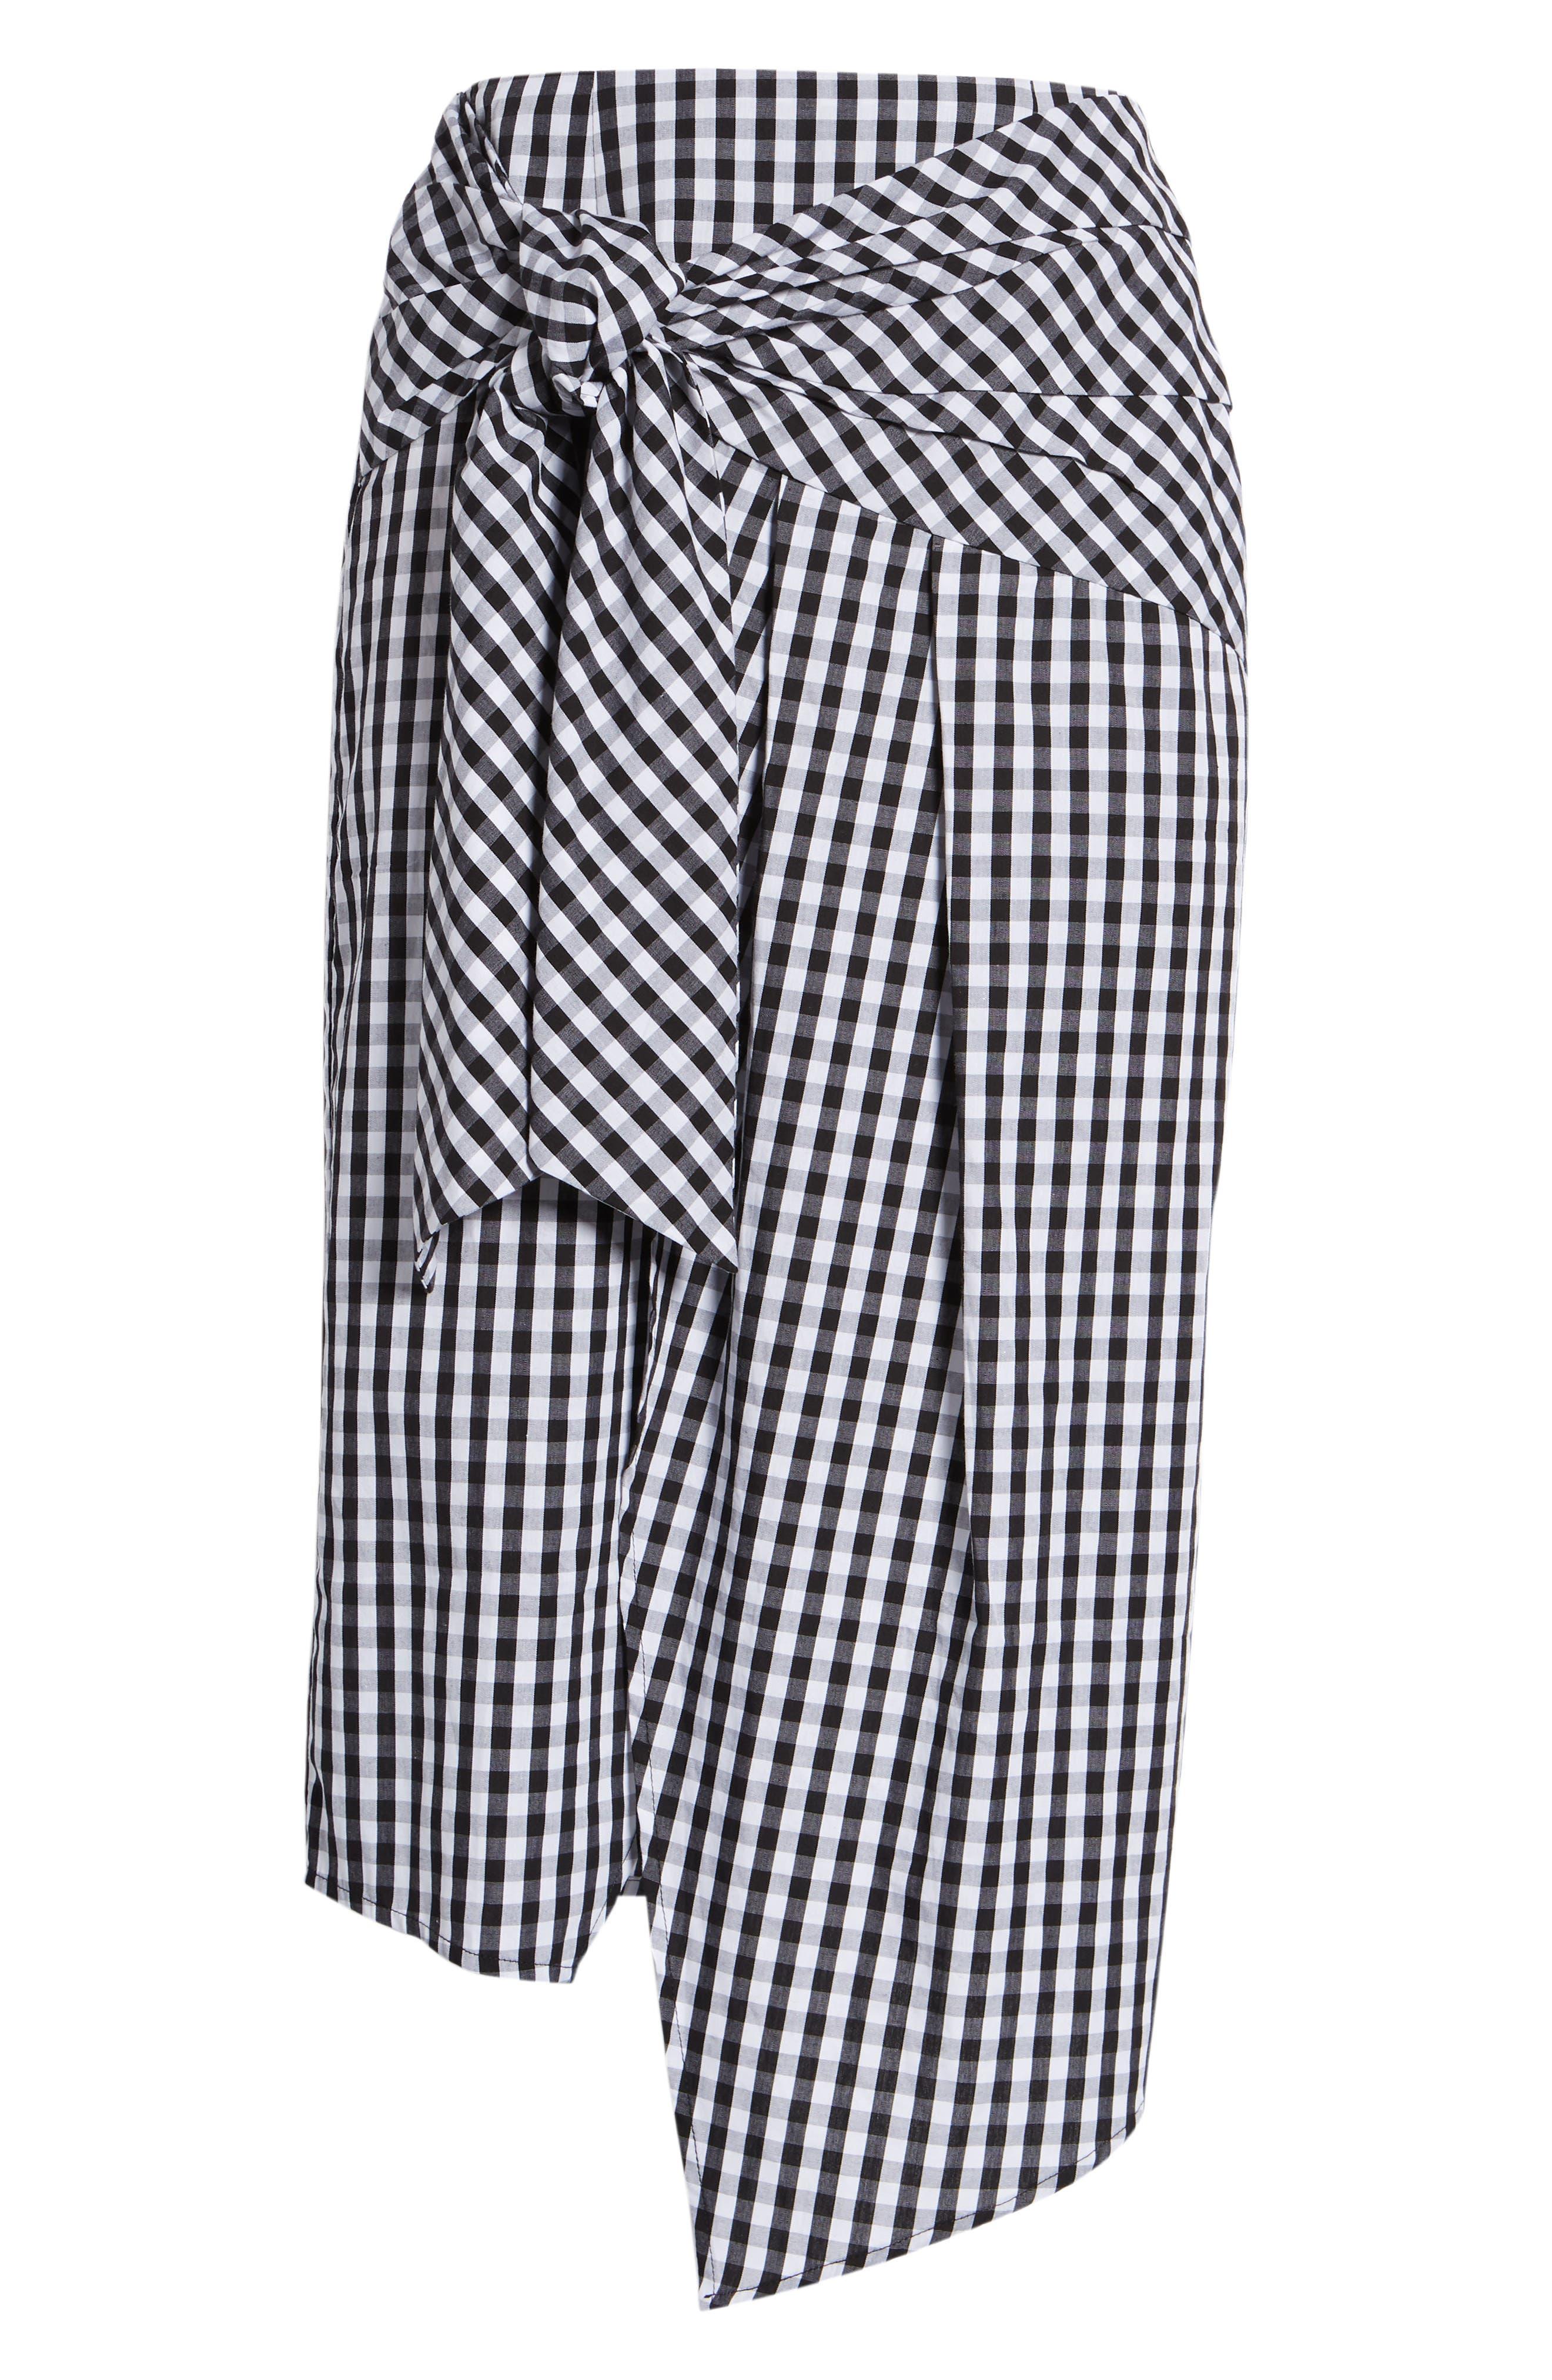 Gingham Tie Waist Skirt,                             Alternate thumbnail 6, color,                             Black/ White Gingham